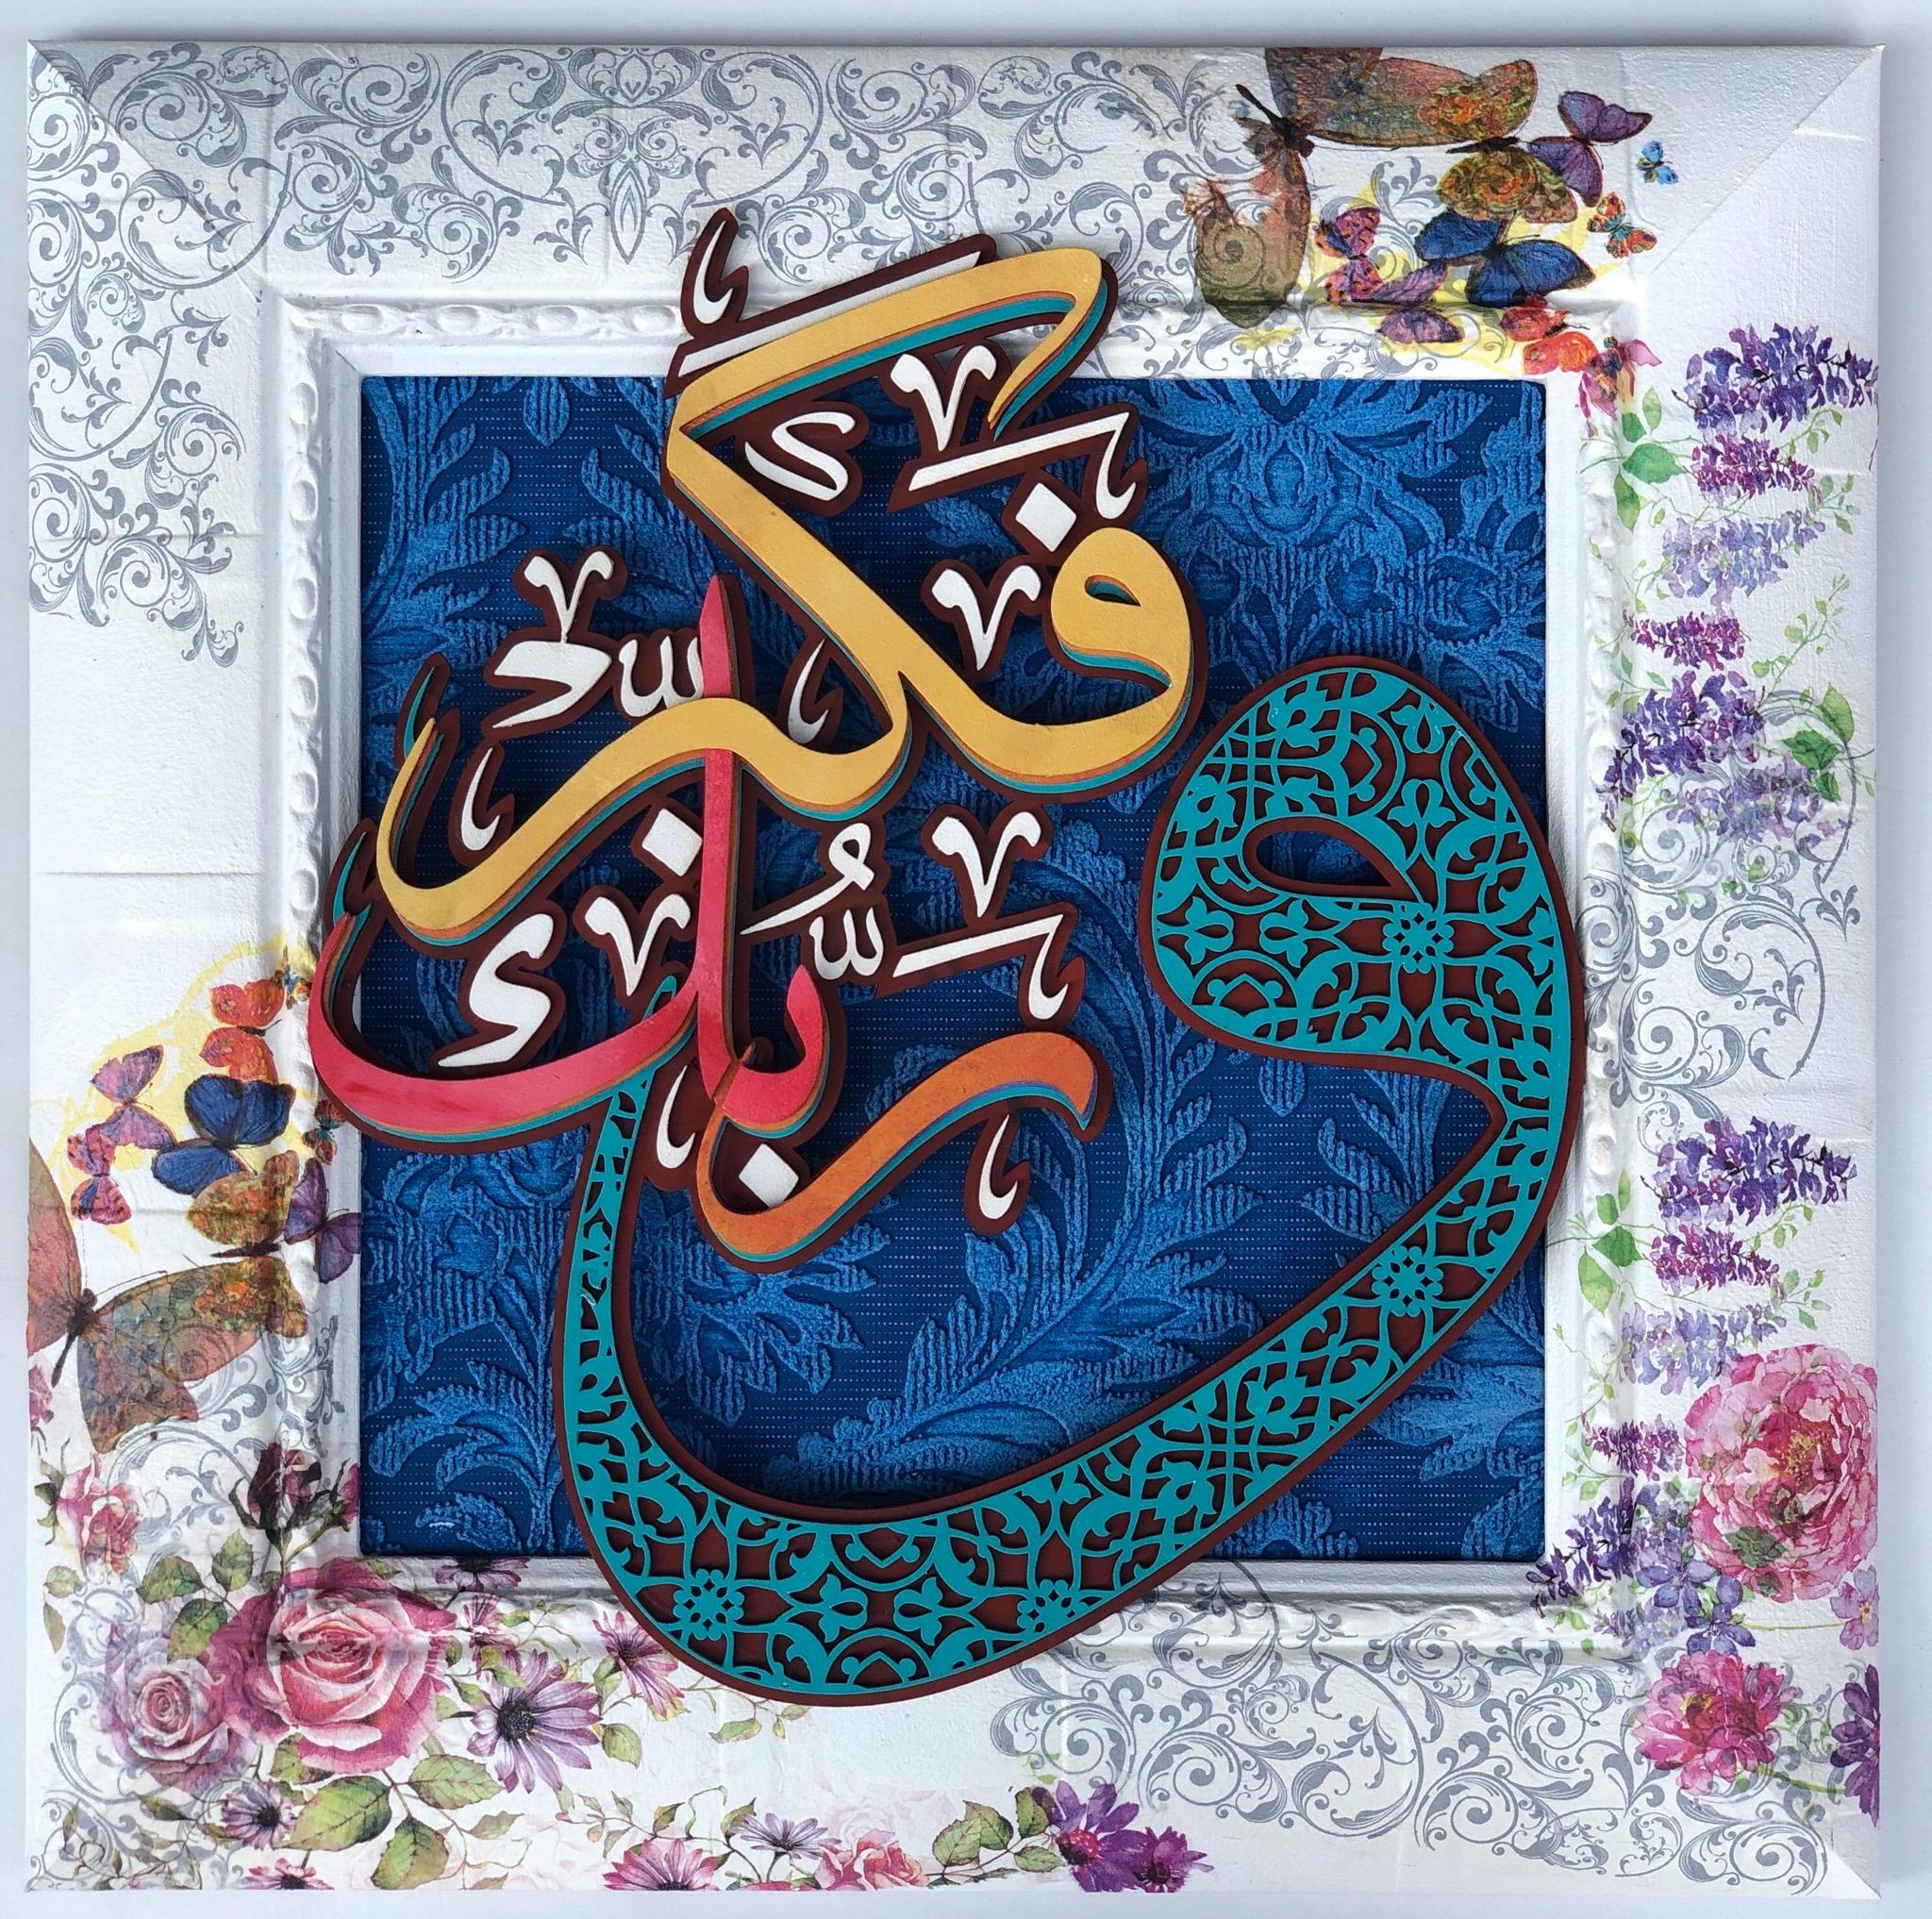 الفنان التشكيلي محمد خريس